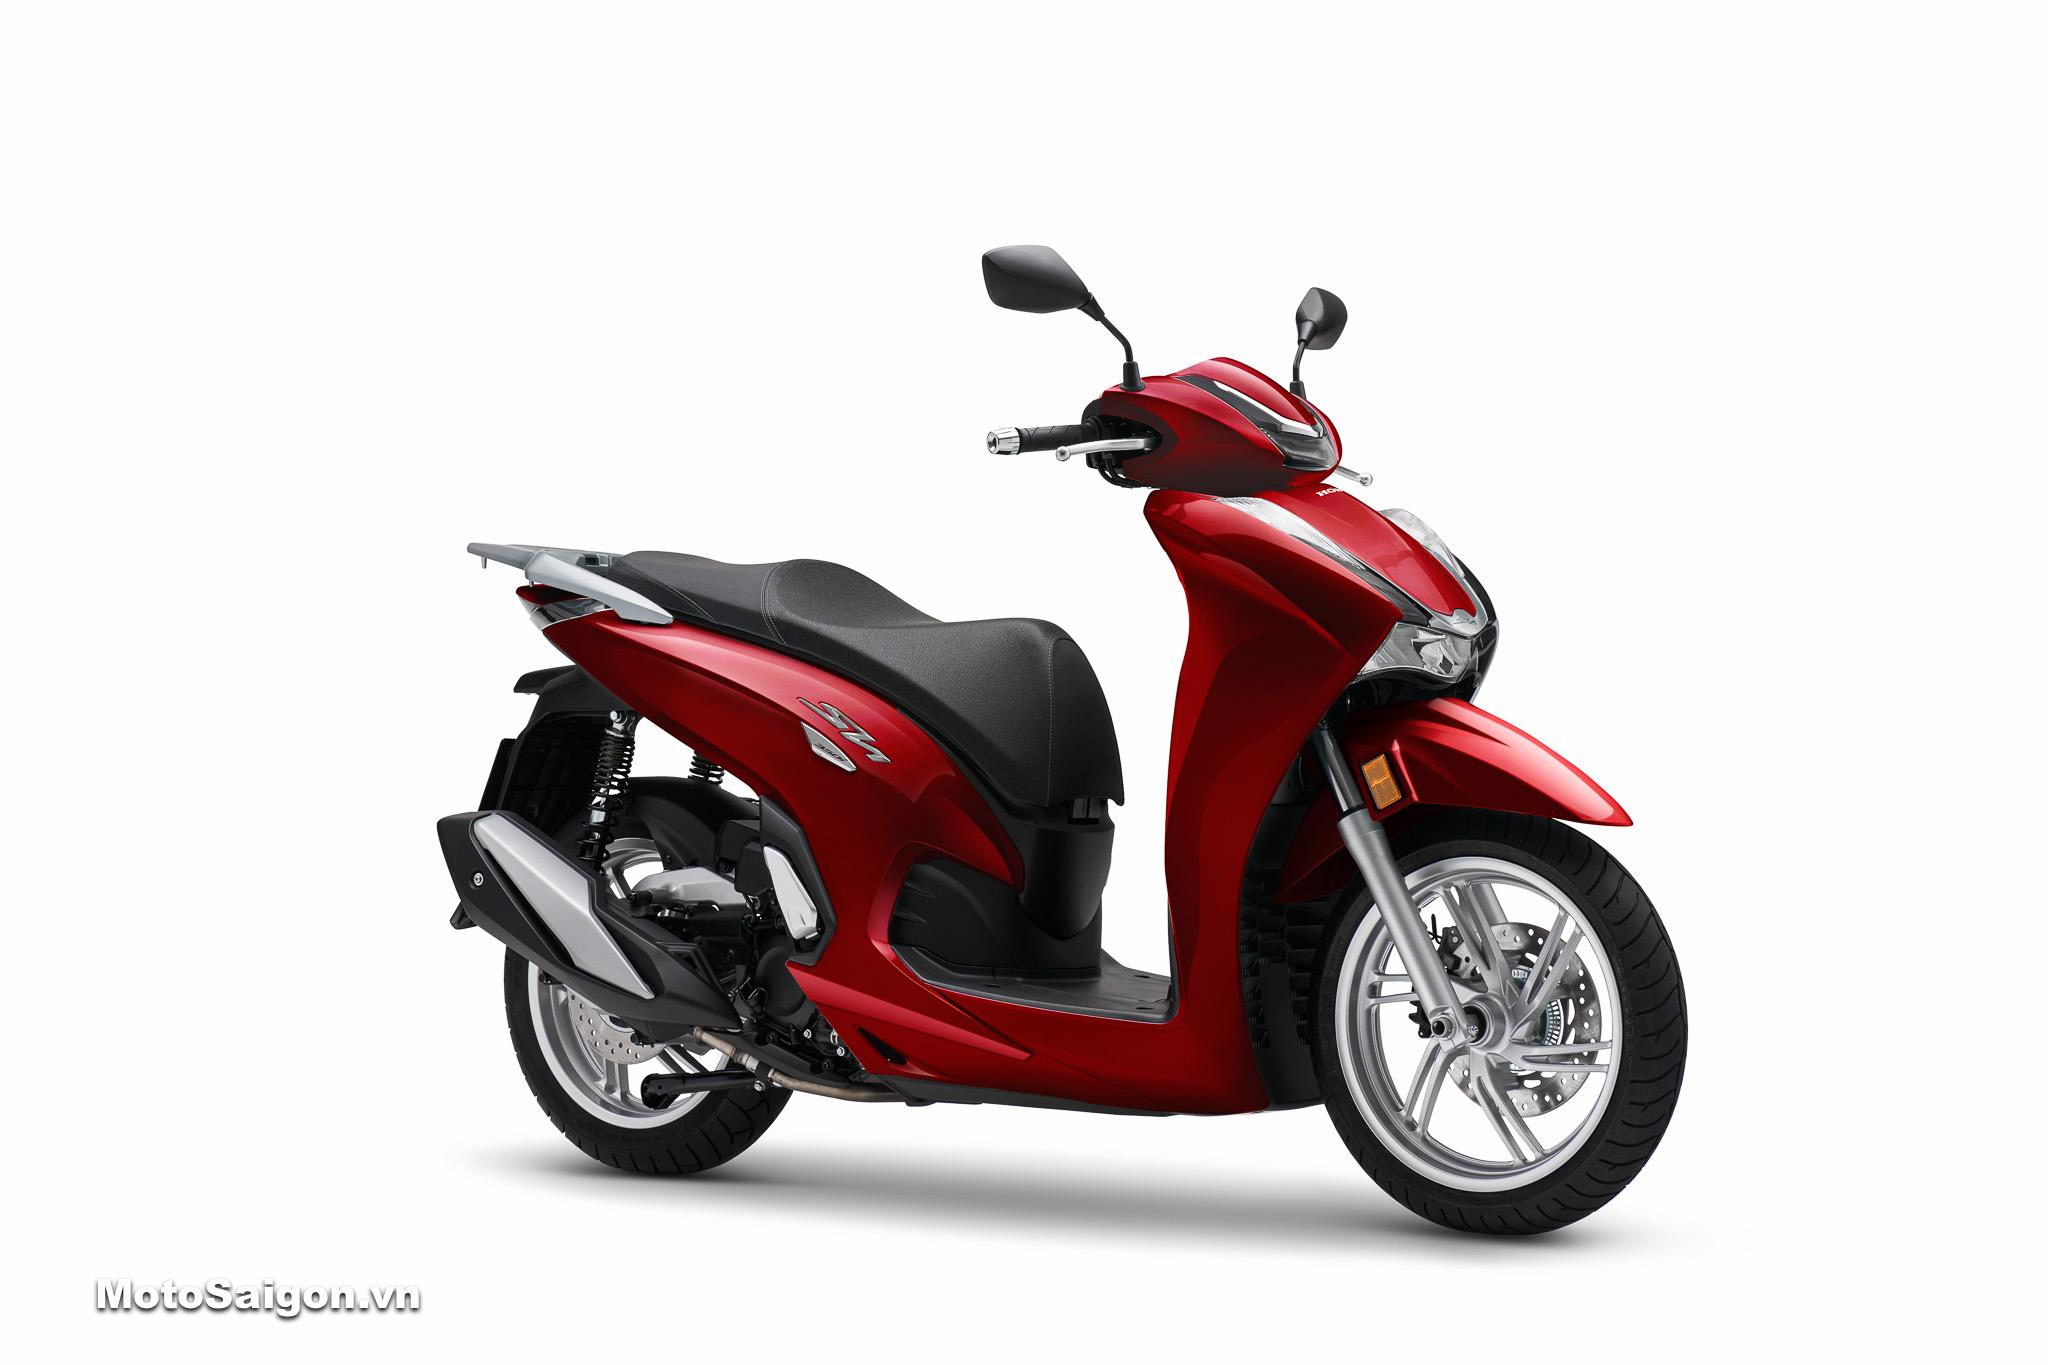 Giá xe Honda Sh350i màu đỏ 2021 chính hãng